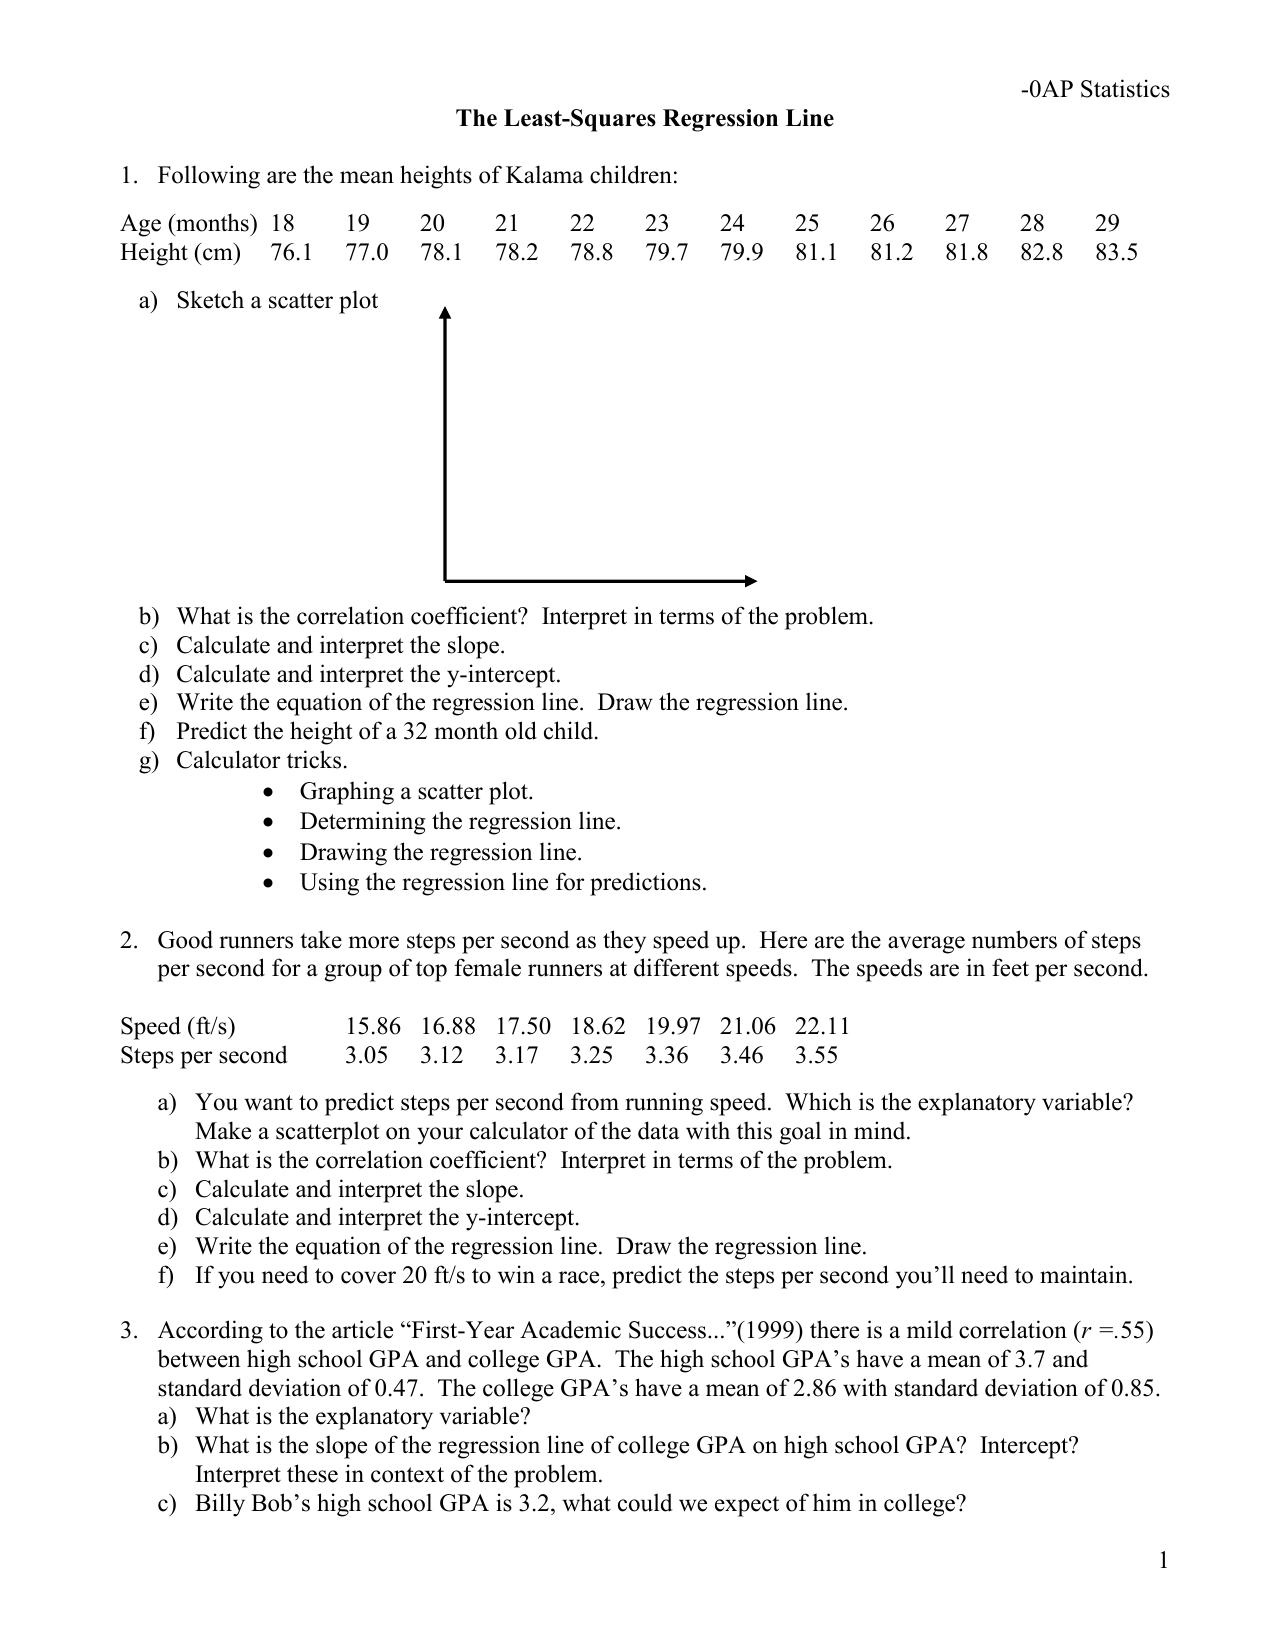 Least-Squares Regression part 4